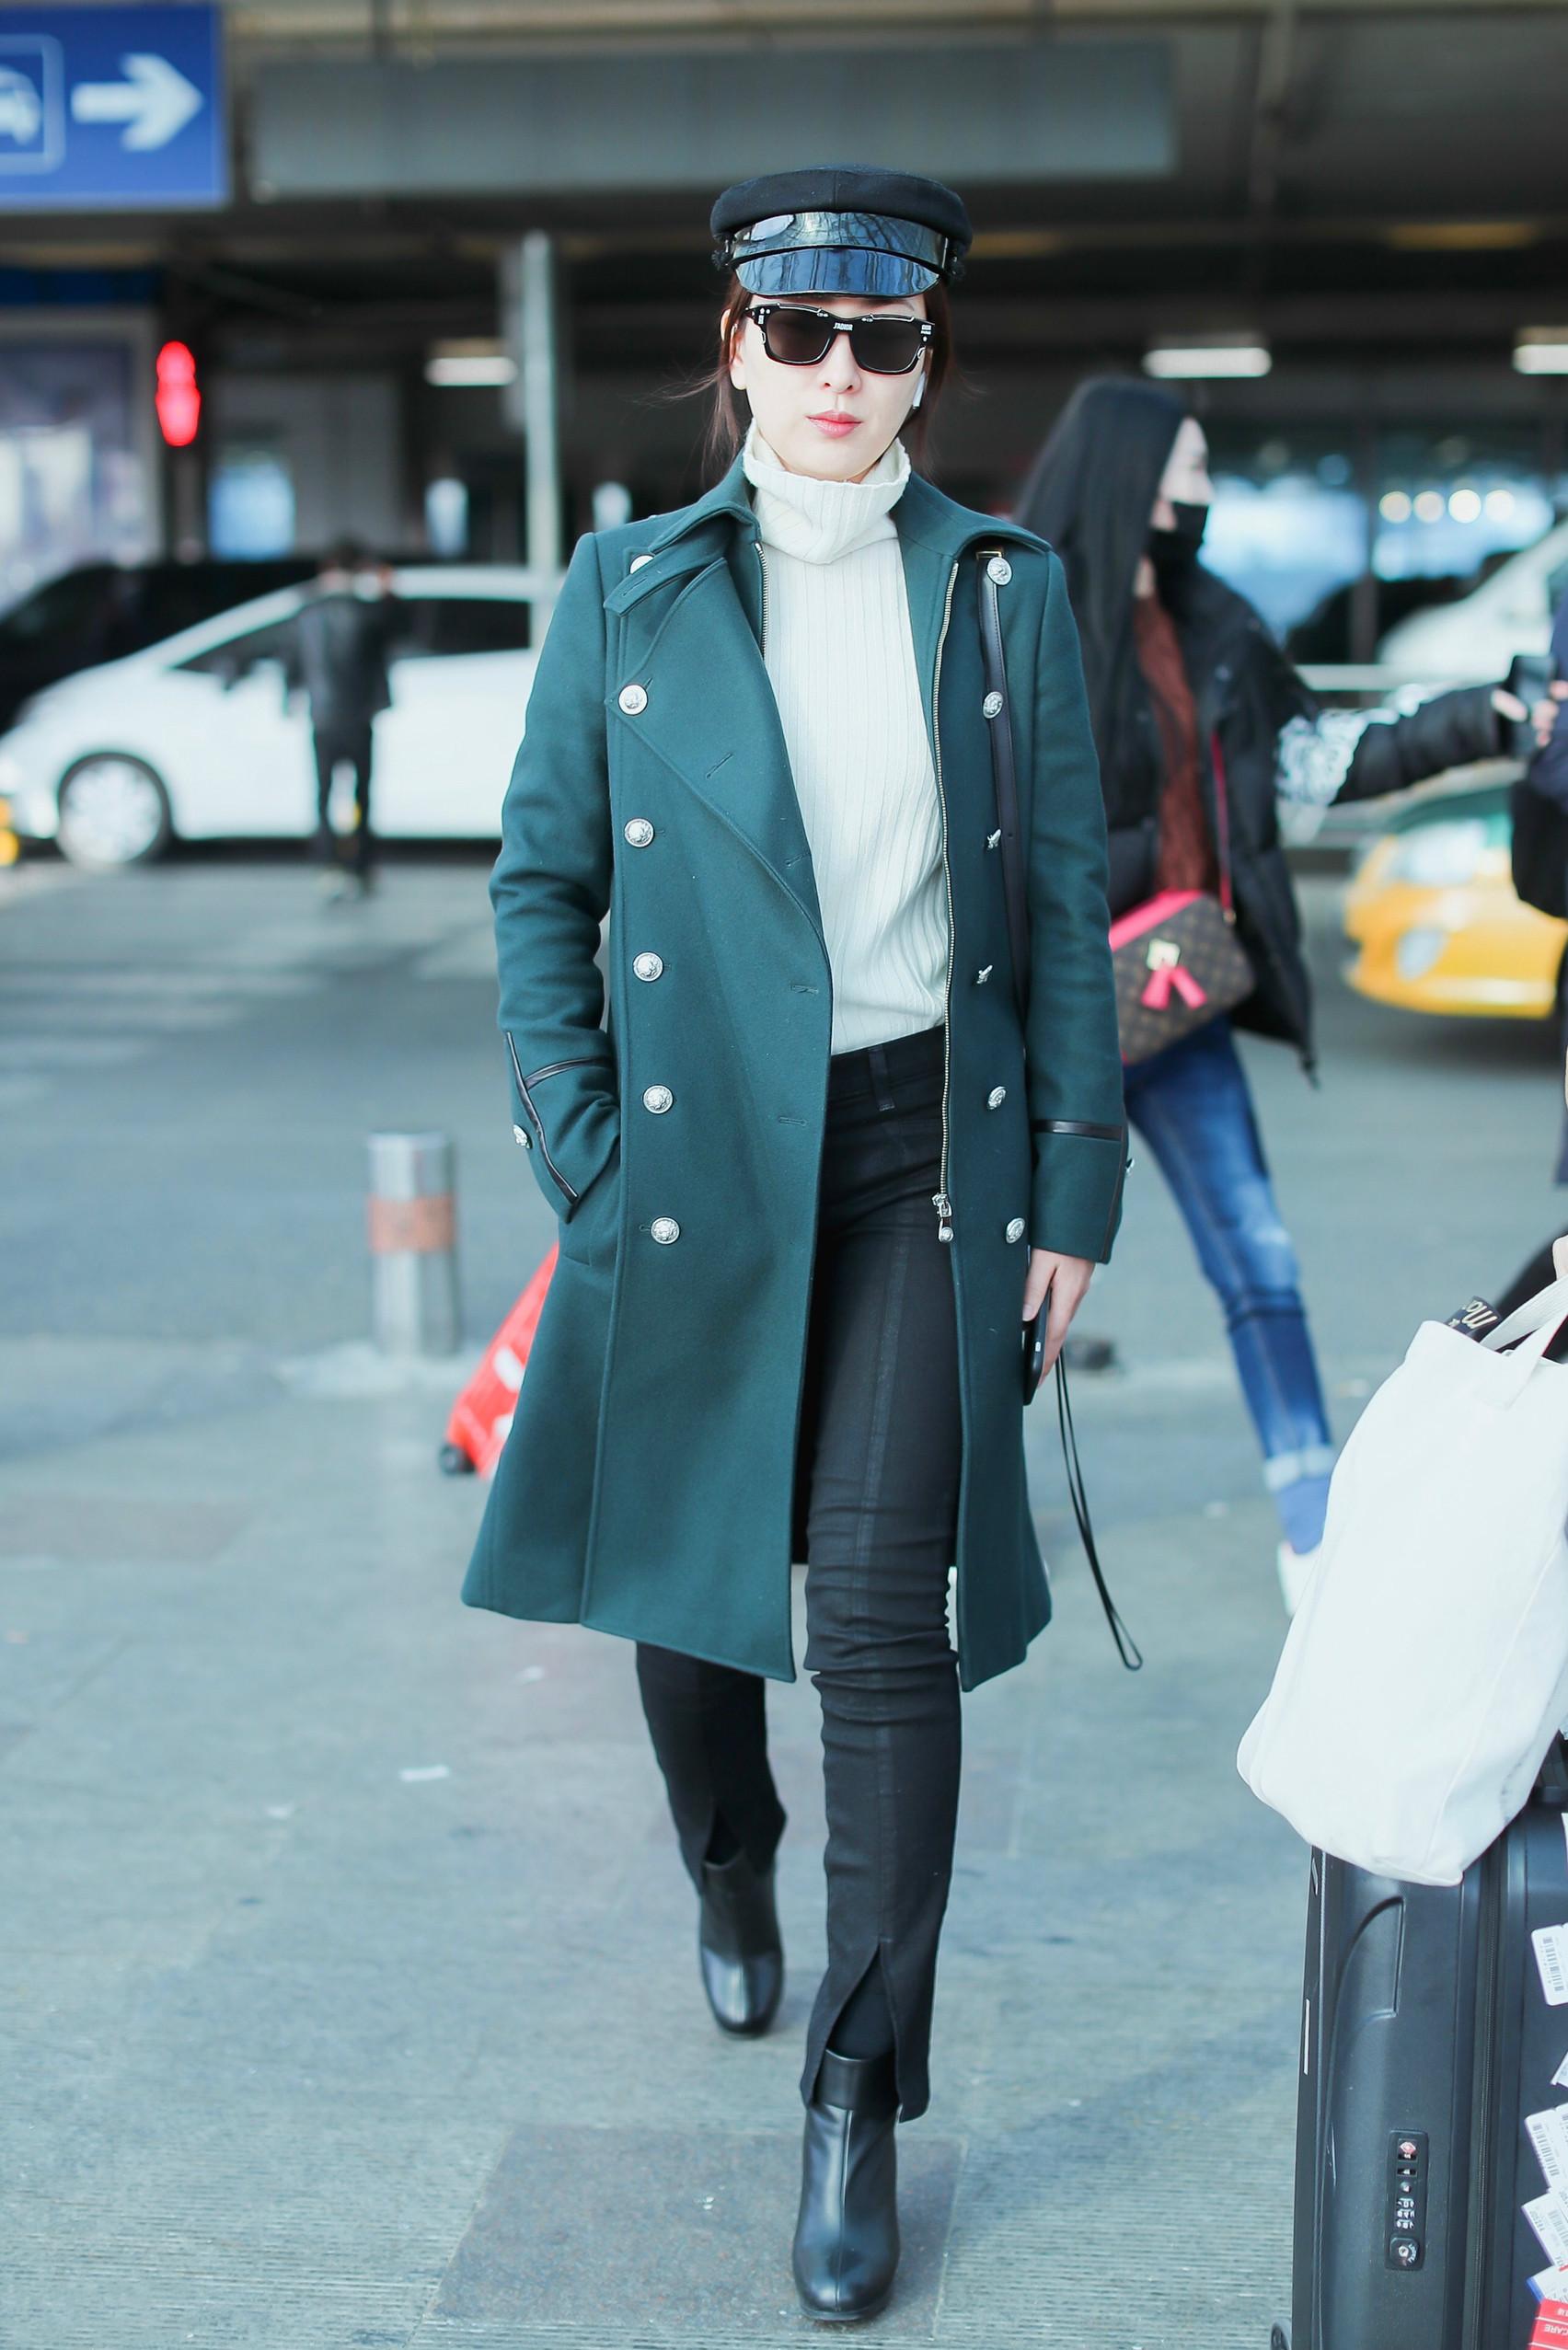 馬蘇美起來真不低調,一襲綠色大衣氣場全開,就算秋褲外露也不醜 形象穿搭 第4張